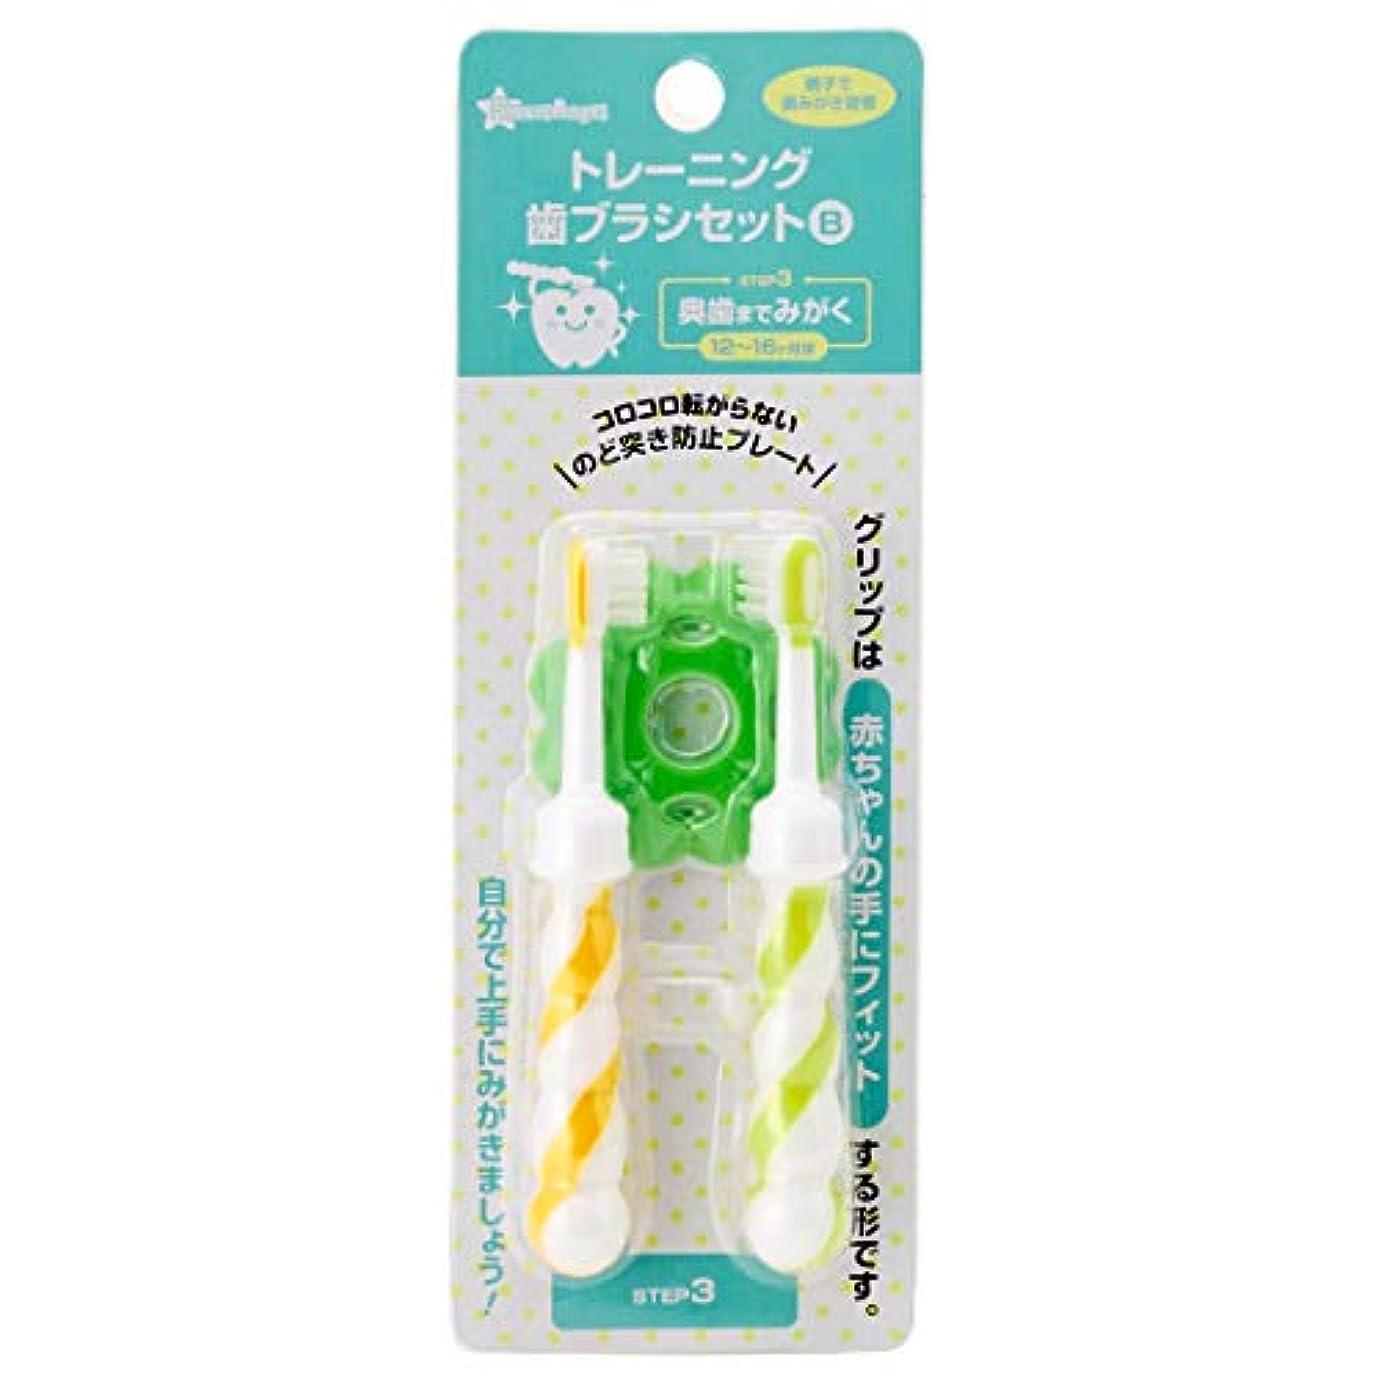 環境ガイダンス恩恵西松屋 SmartAngel)トレーニング歯ブラシ2本セットSTEP3?12~16ヶ月頃